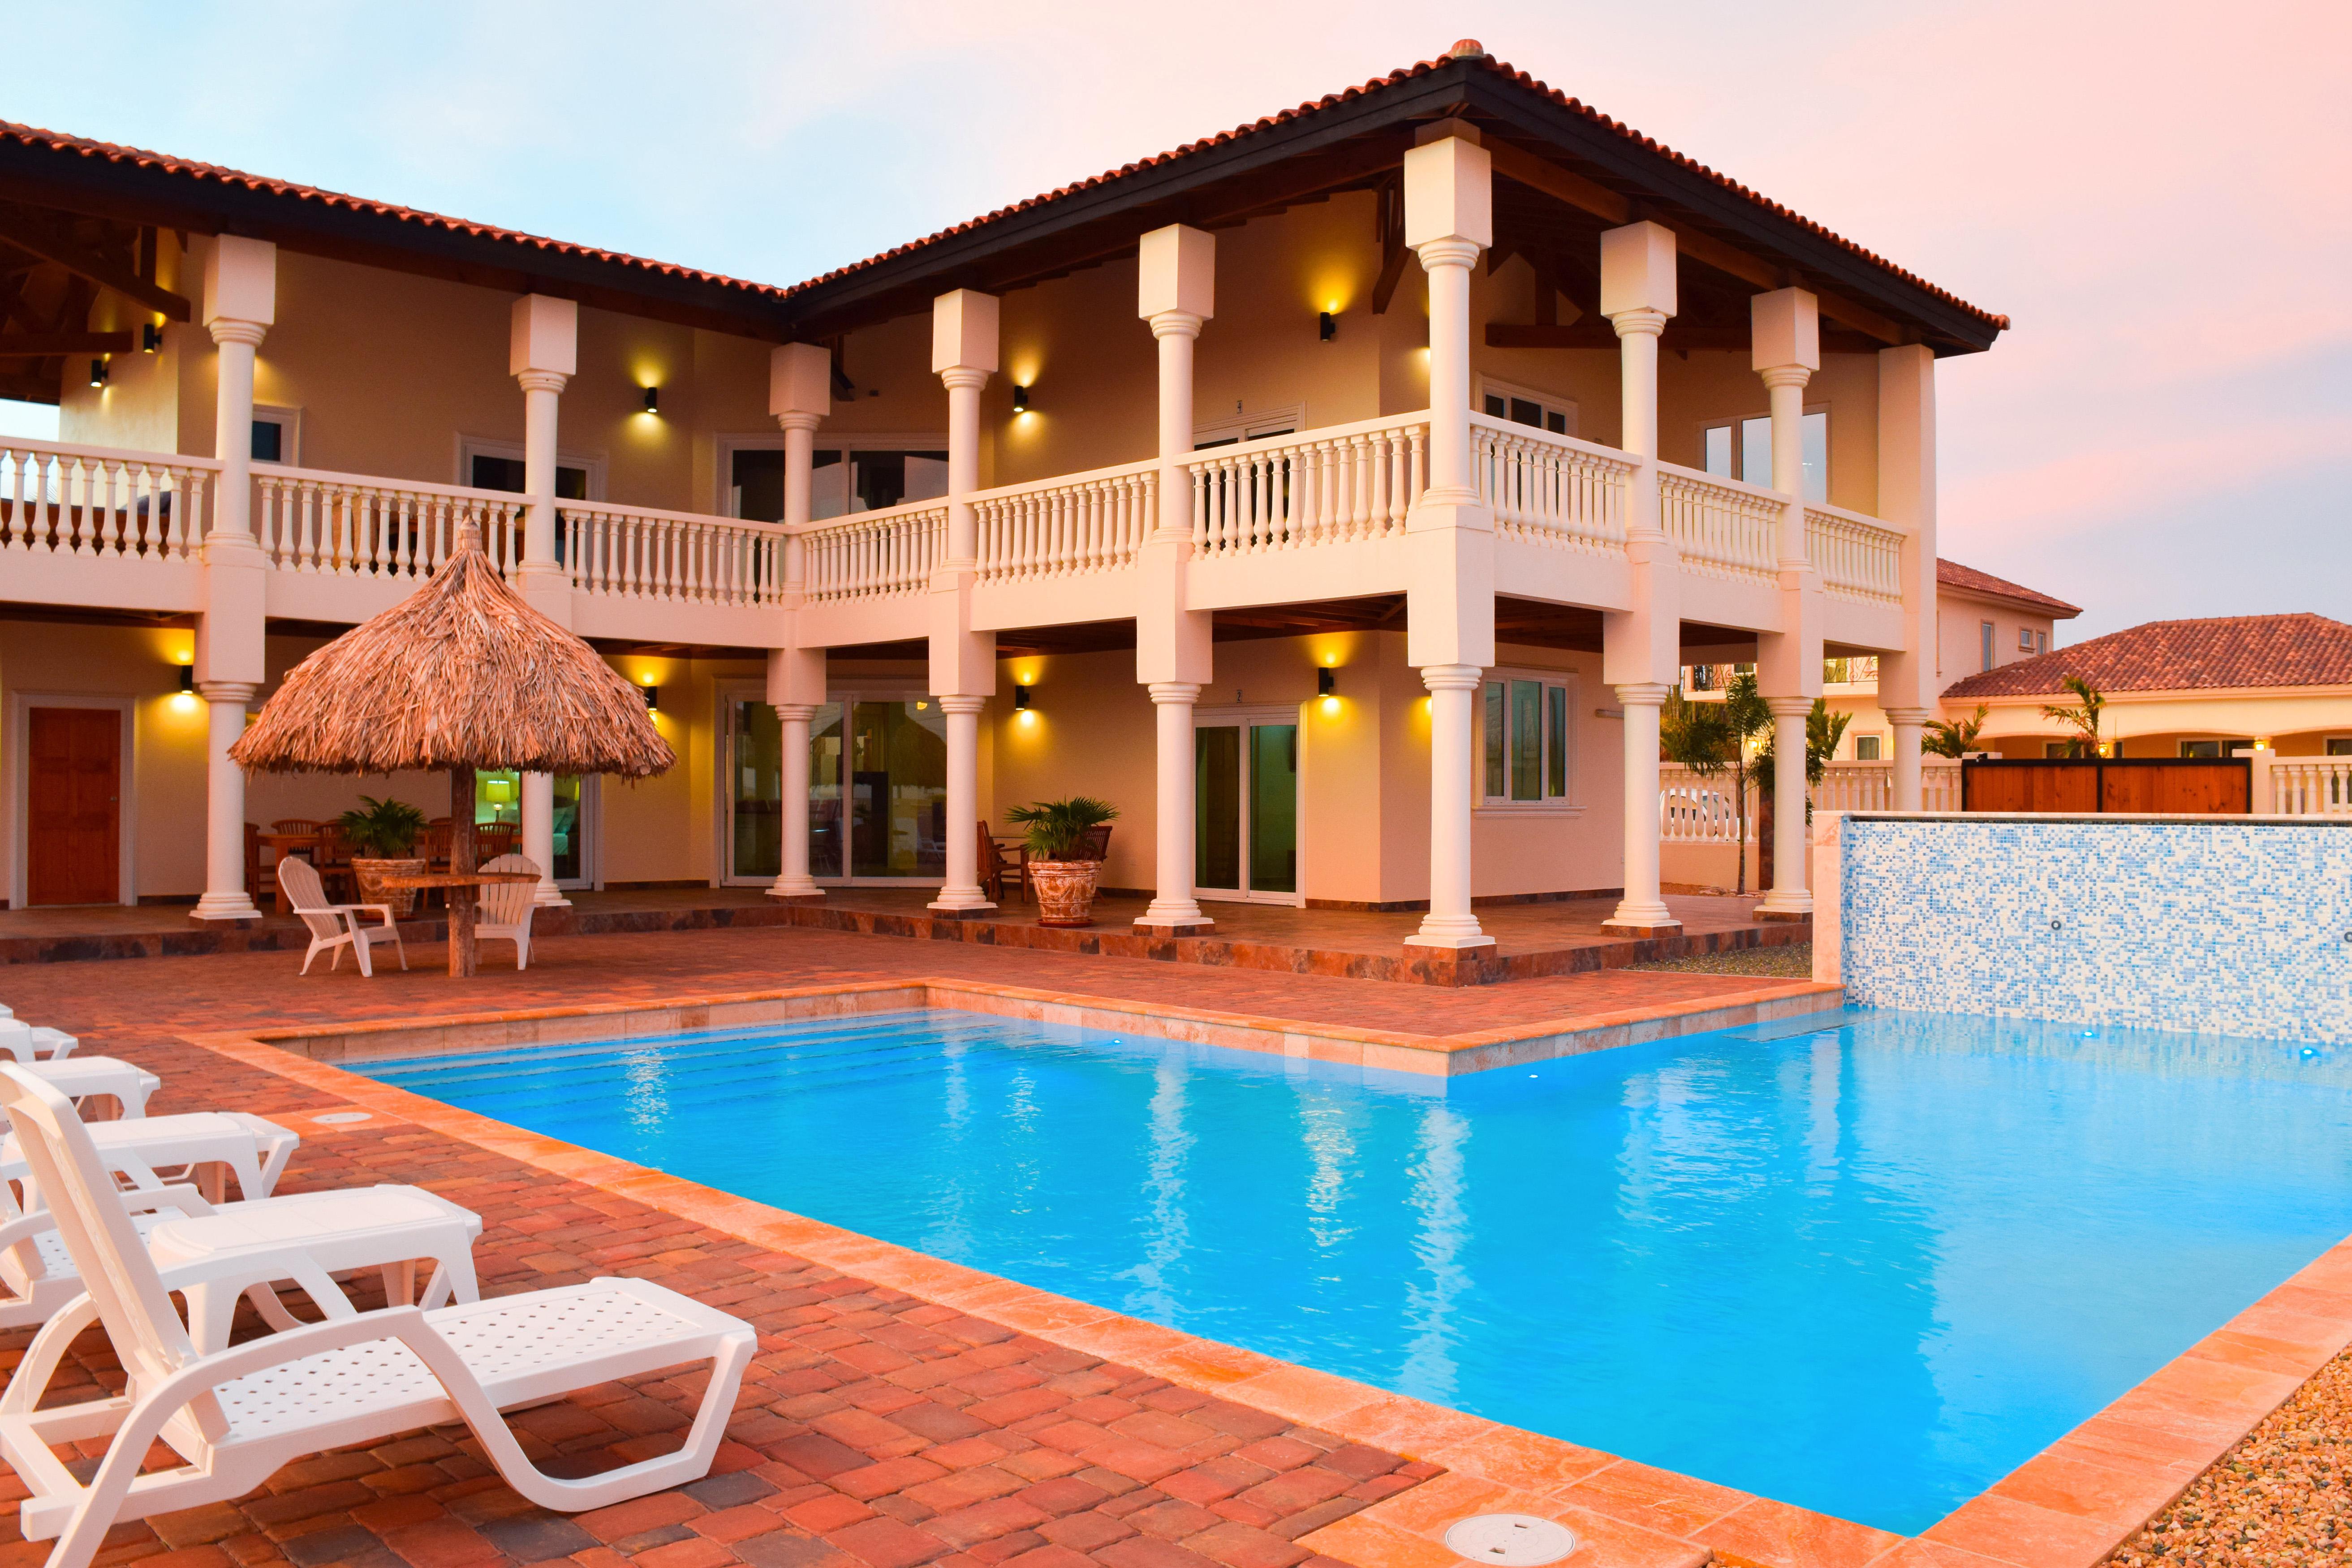 aruba private villa airbnb